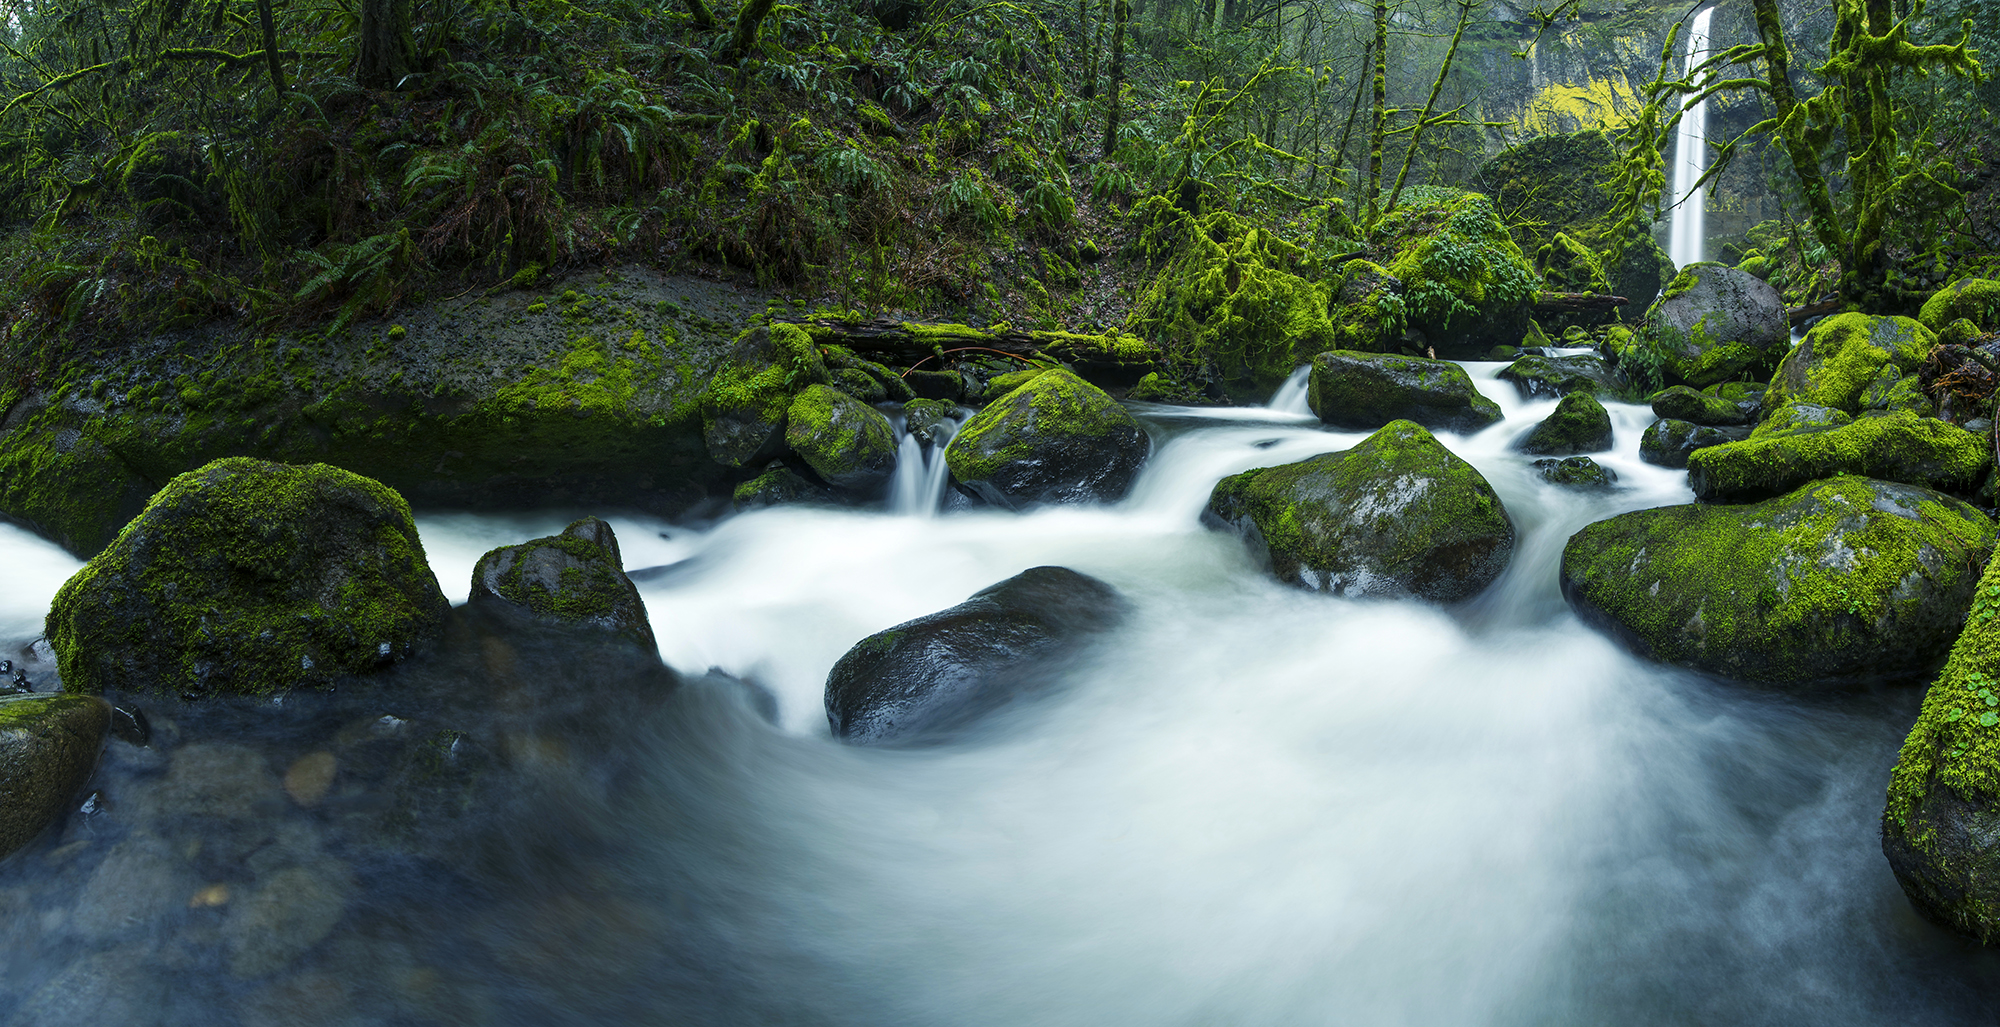 elowah falls panorama mossy rocks